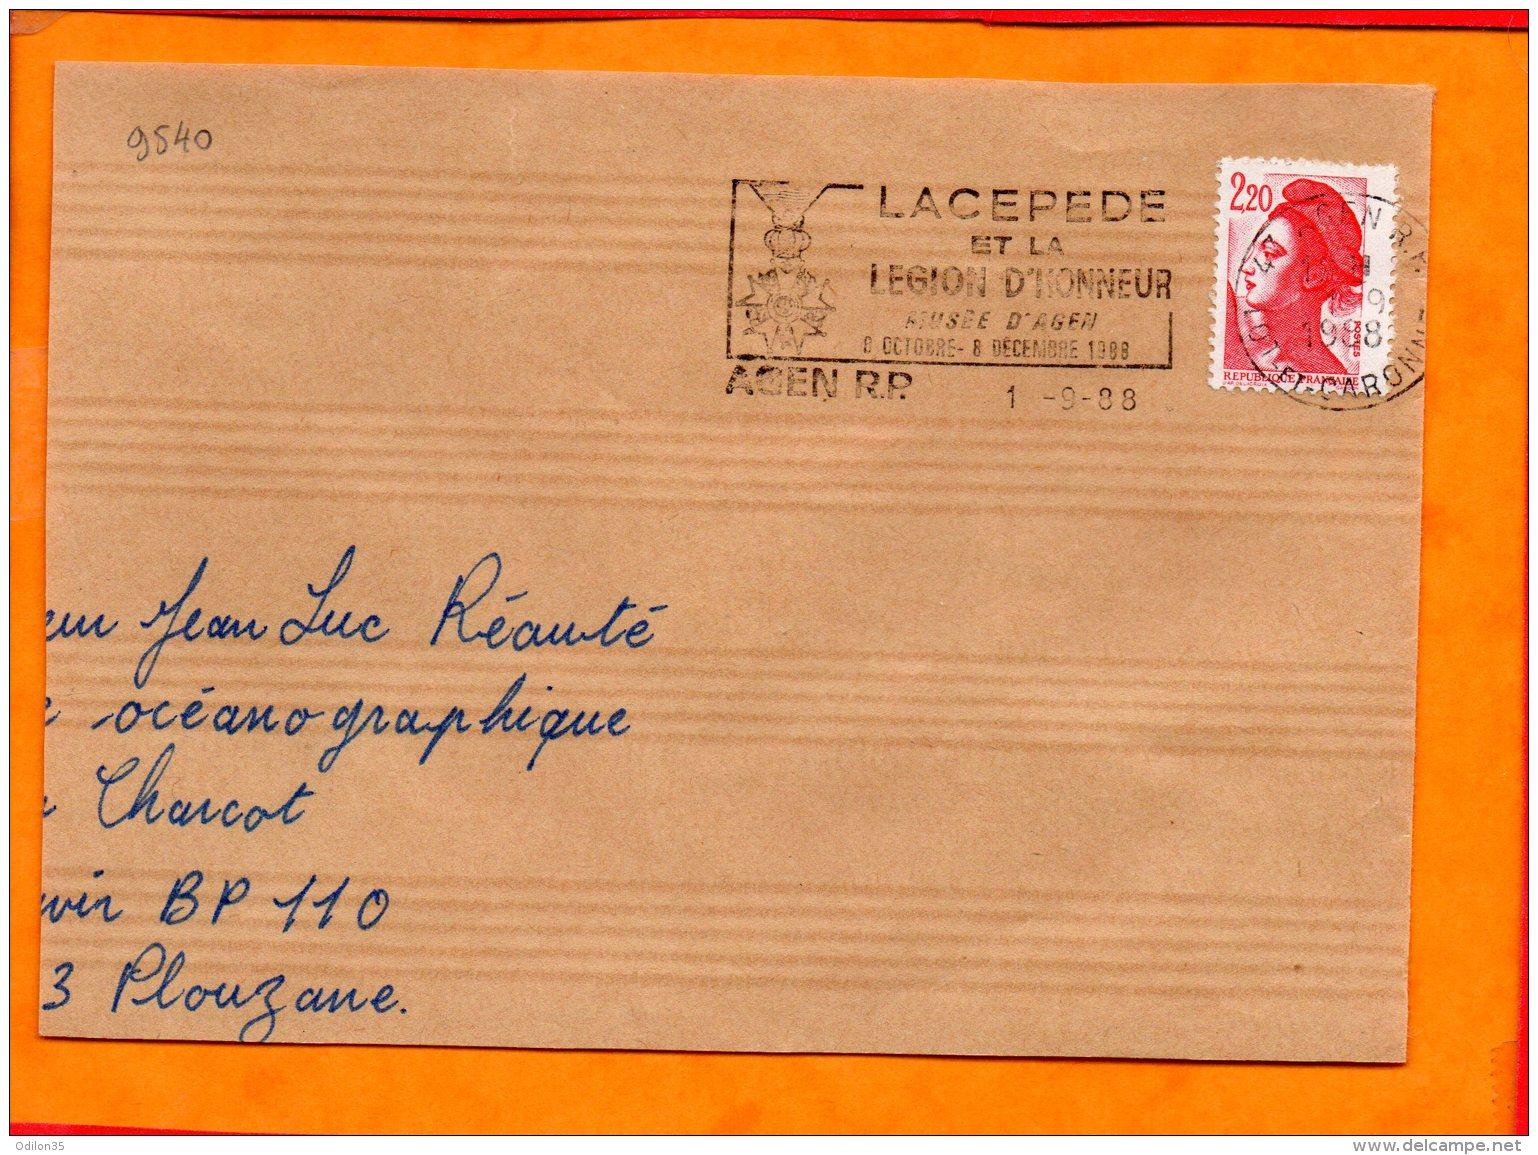 LOT ET GARONNE, Agen, Flamme SCOTEM N° 9540, Lacepede Et La Légion D'Honneur 8 Oct. - 8 Dec. 1988 - Poststempel (Briefe)